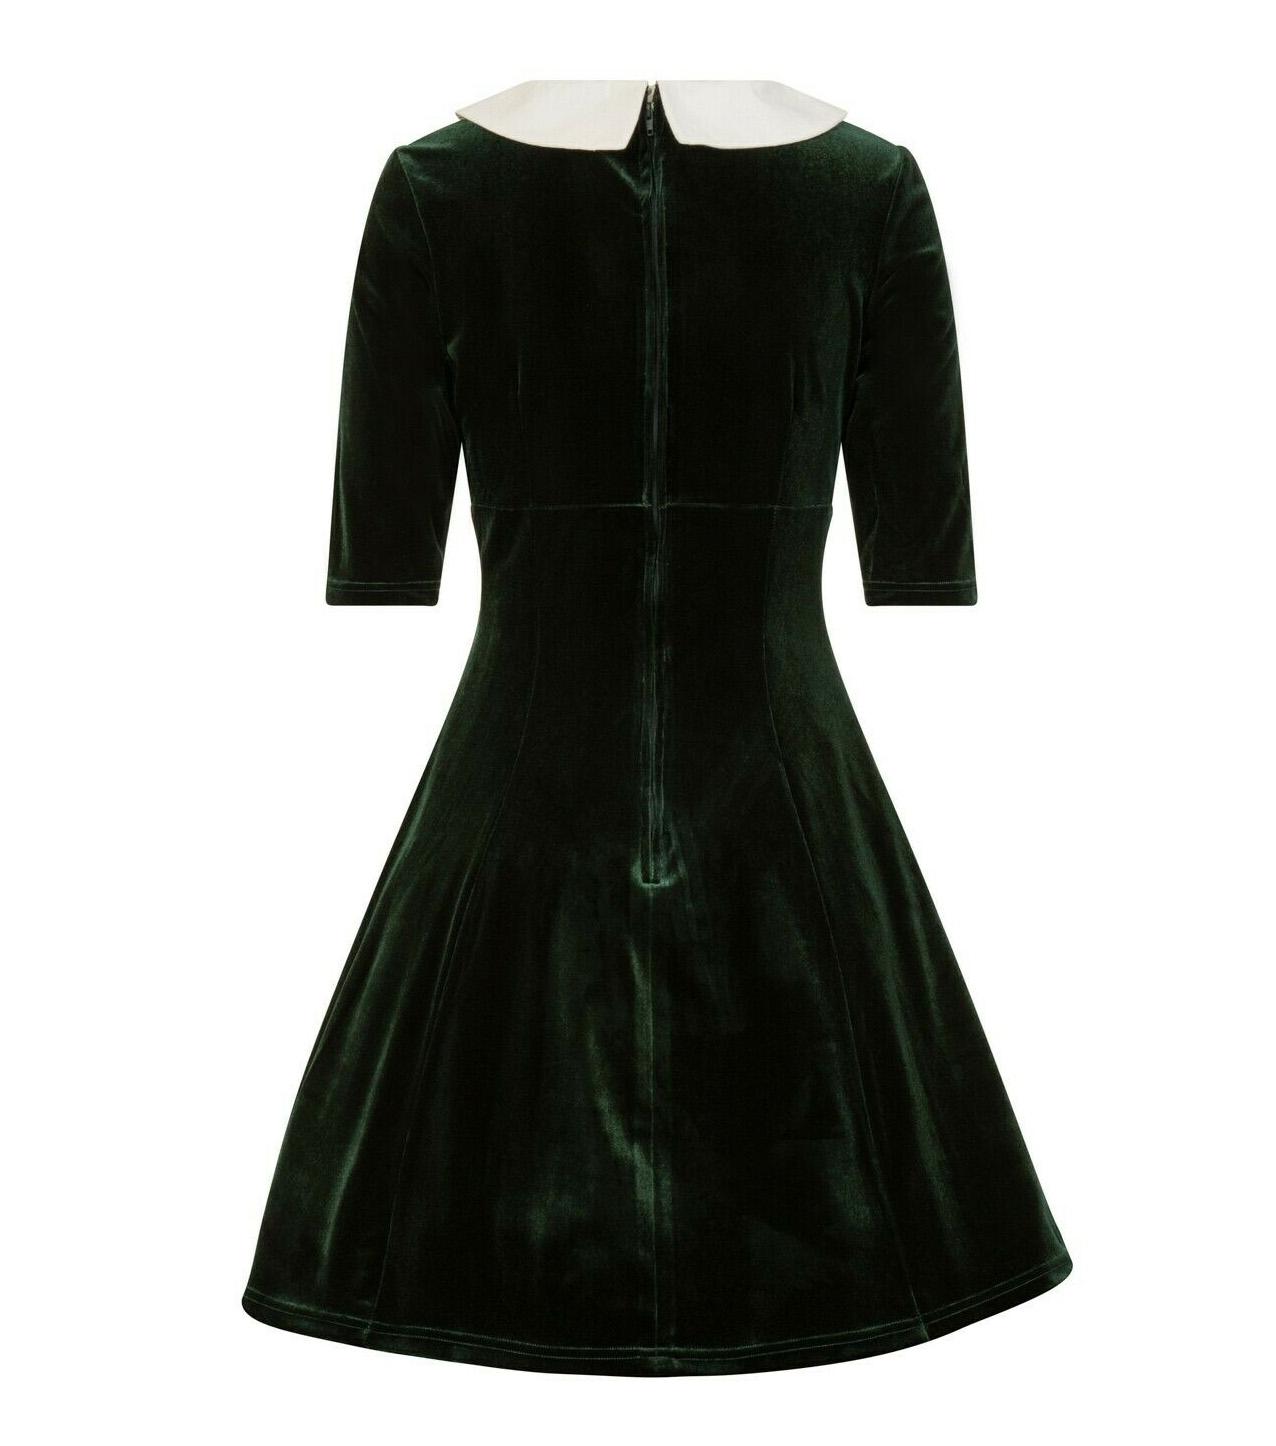 Hell-Bunny-Mini-Skater-Dress-Festive-Christmas-NICOLA-Green-Velvet-All-Sizes thumbnail 29